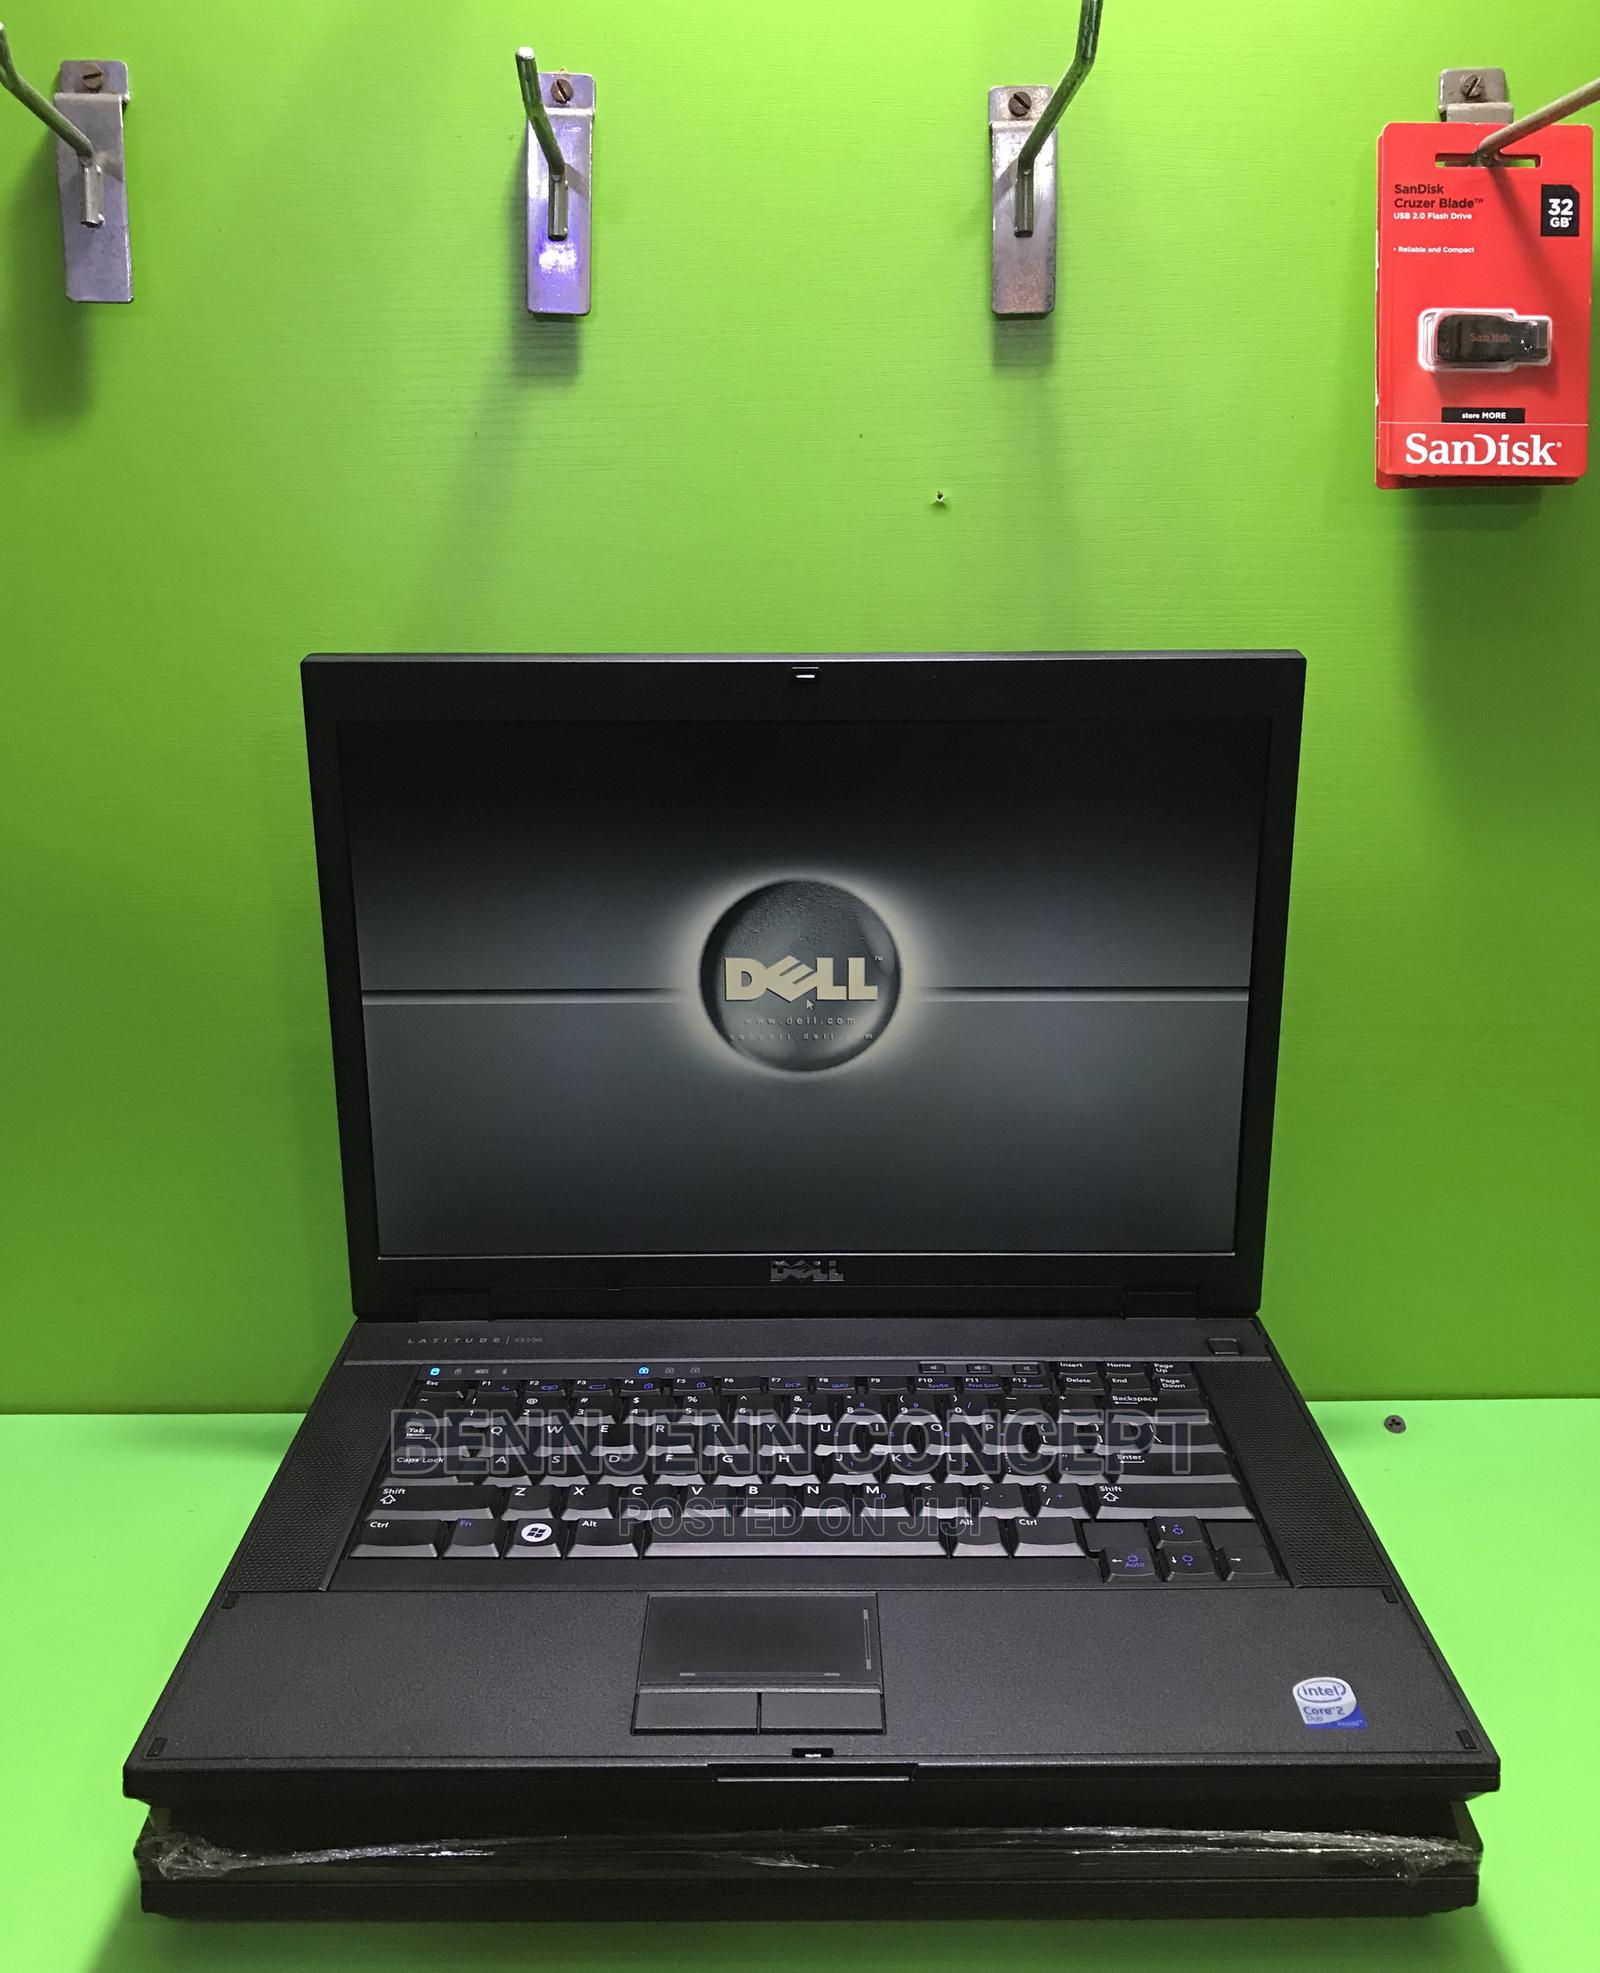 Laptop Dell Latitude E5510 3GB Intel Core 2 Quad HDD 160GB